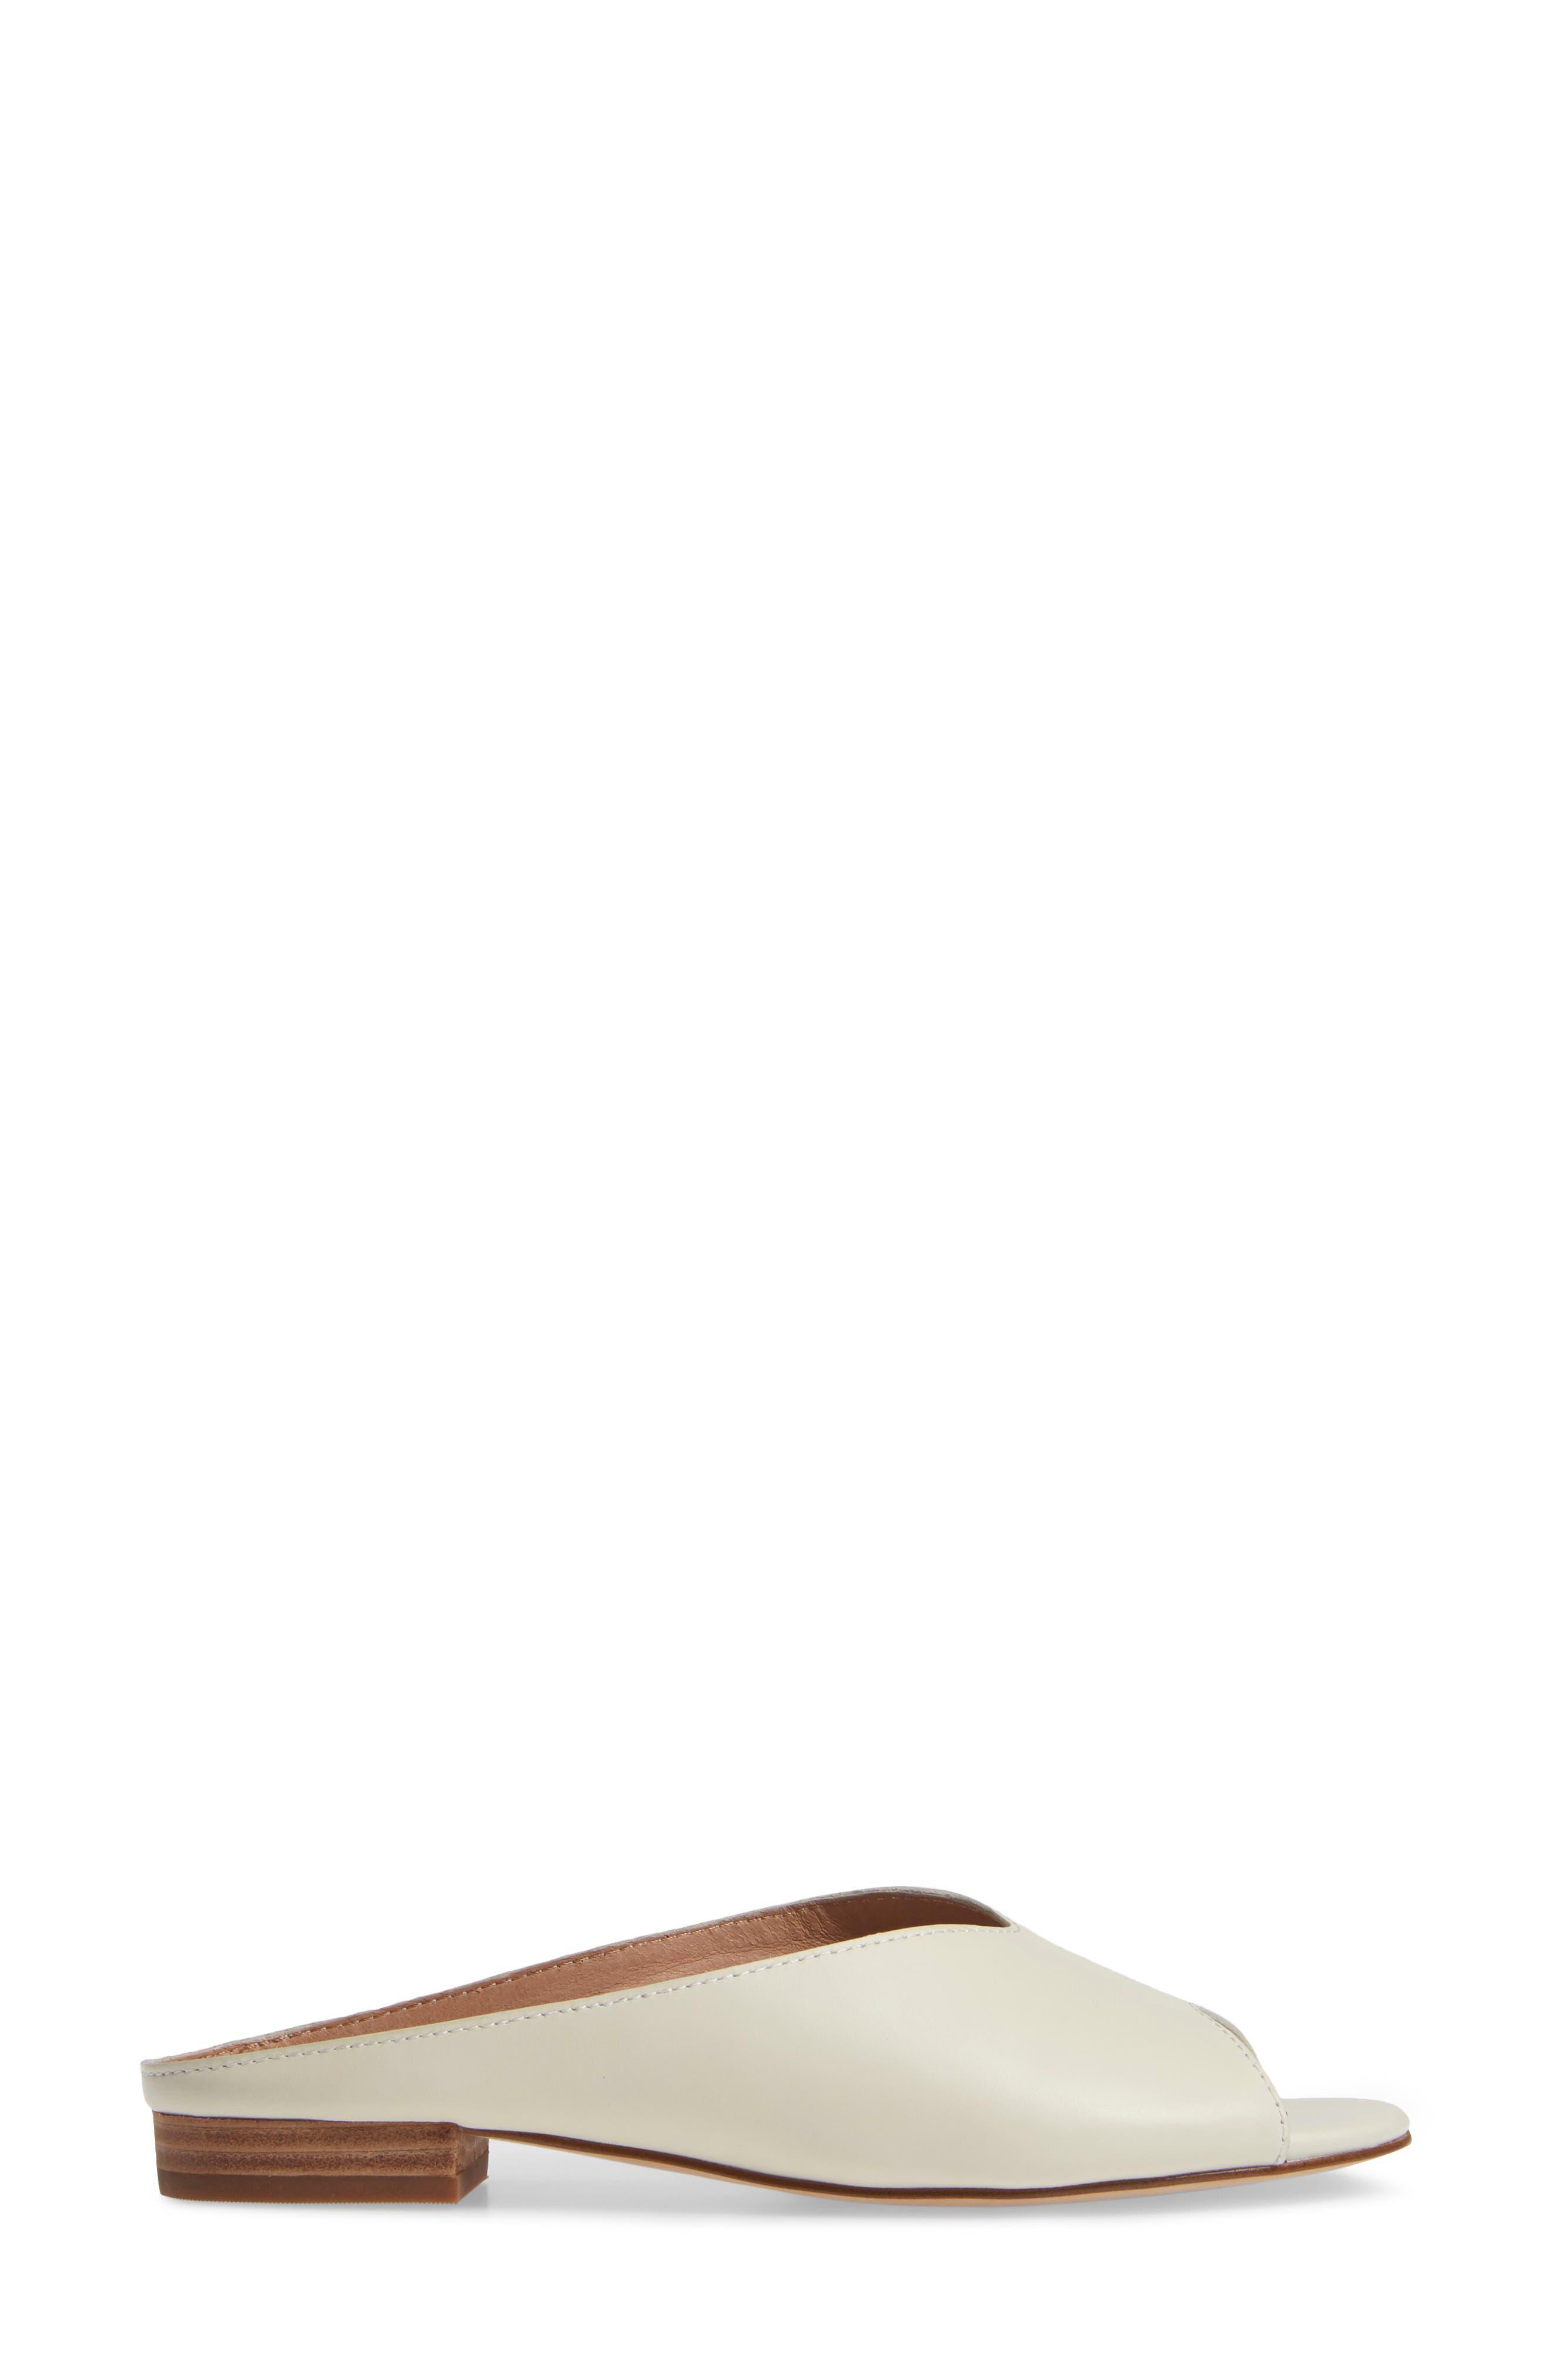 Tavi Slide Sandal,                             Alternate thumbnail 8, color,